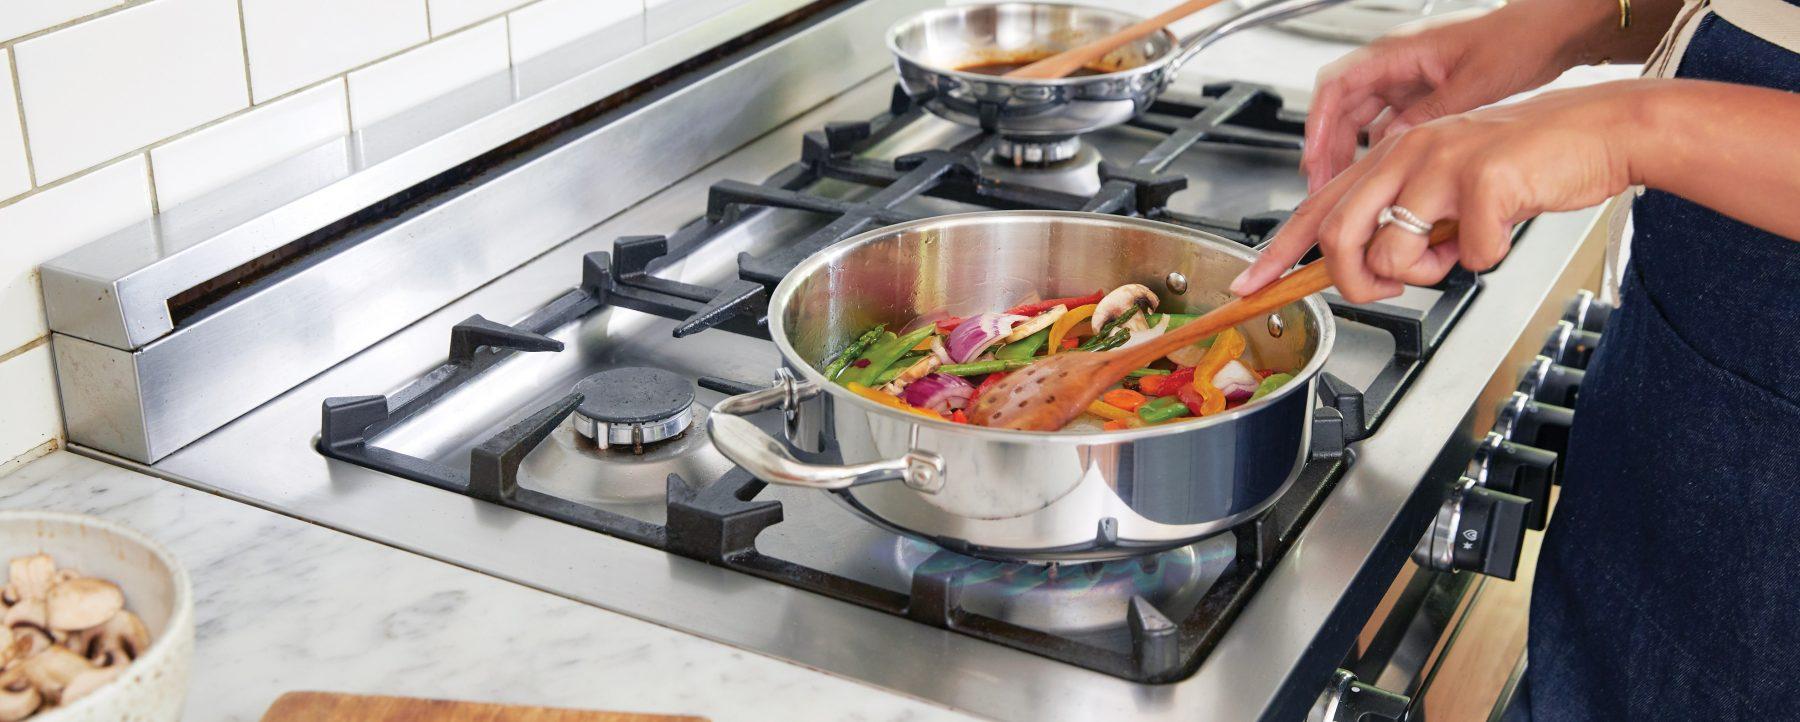 Modern Houseware Wholesaler Cookware and Baking B2B